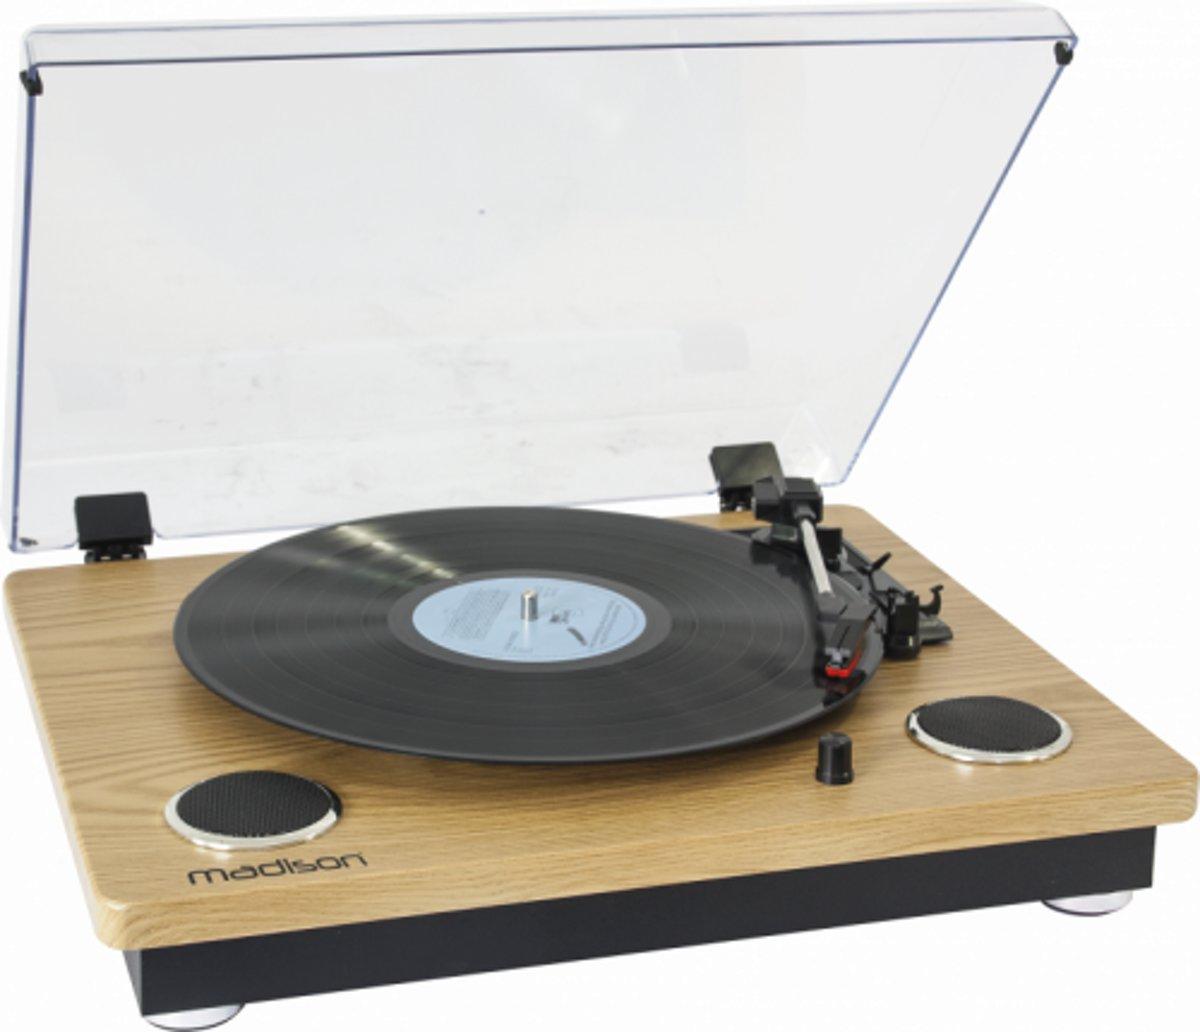 Madison MAD-RT300SP Vintage draaitafel met ingebouwde luidsprekers & bluetooth